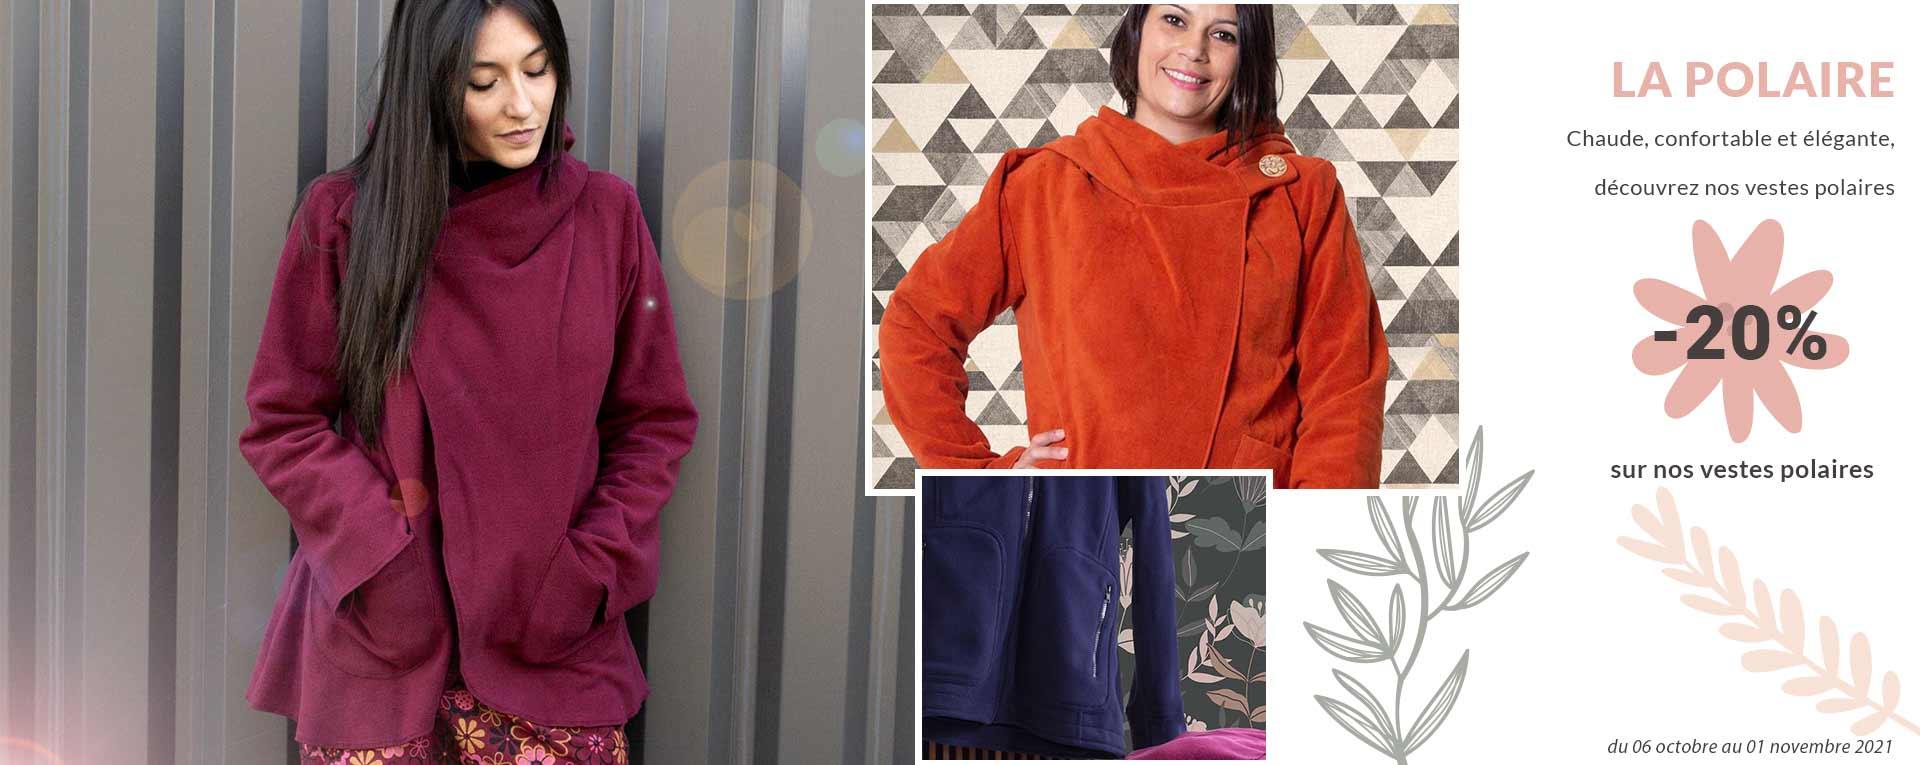 Les vestes polaires promotion 2021 coton du monde vêtements en ligne mode femme ethnique